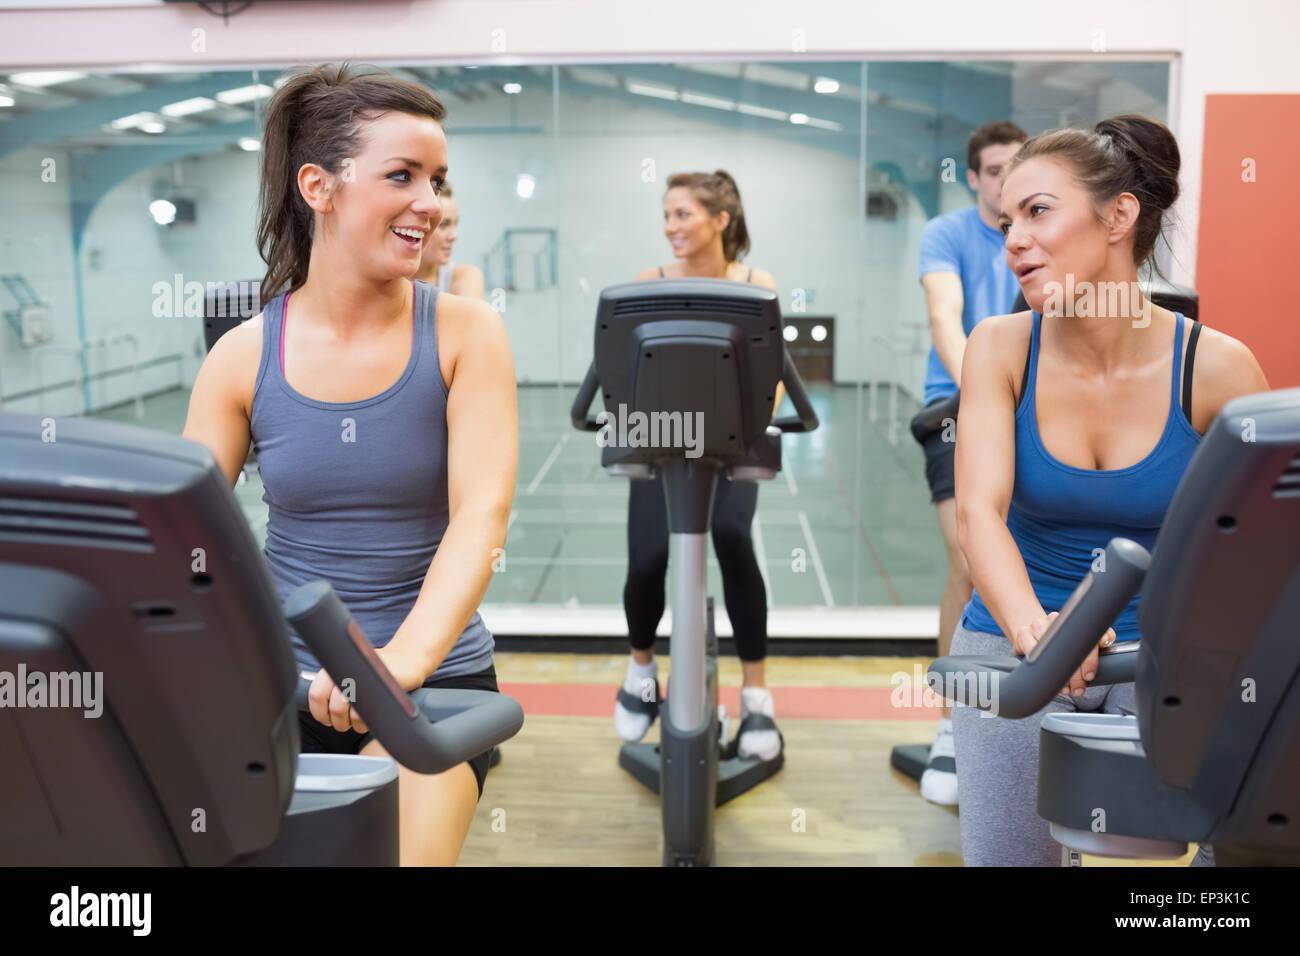 Zwei Frauen reden während des Trainings in einem Spinning Kurs Stockbild